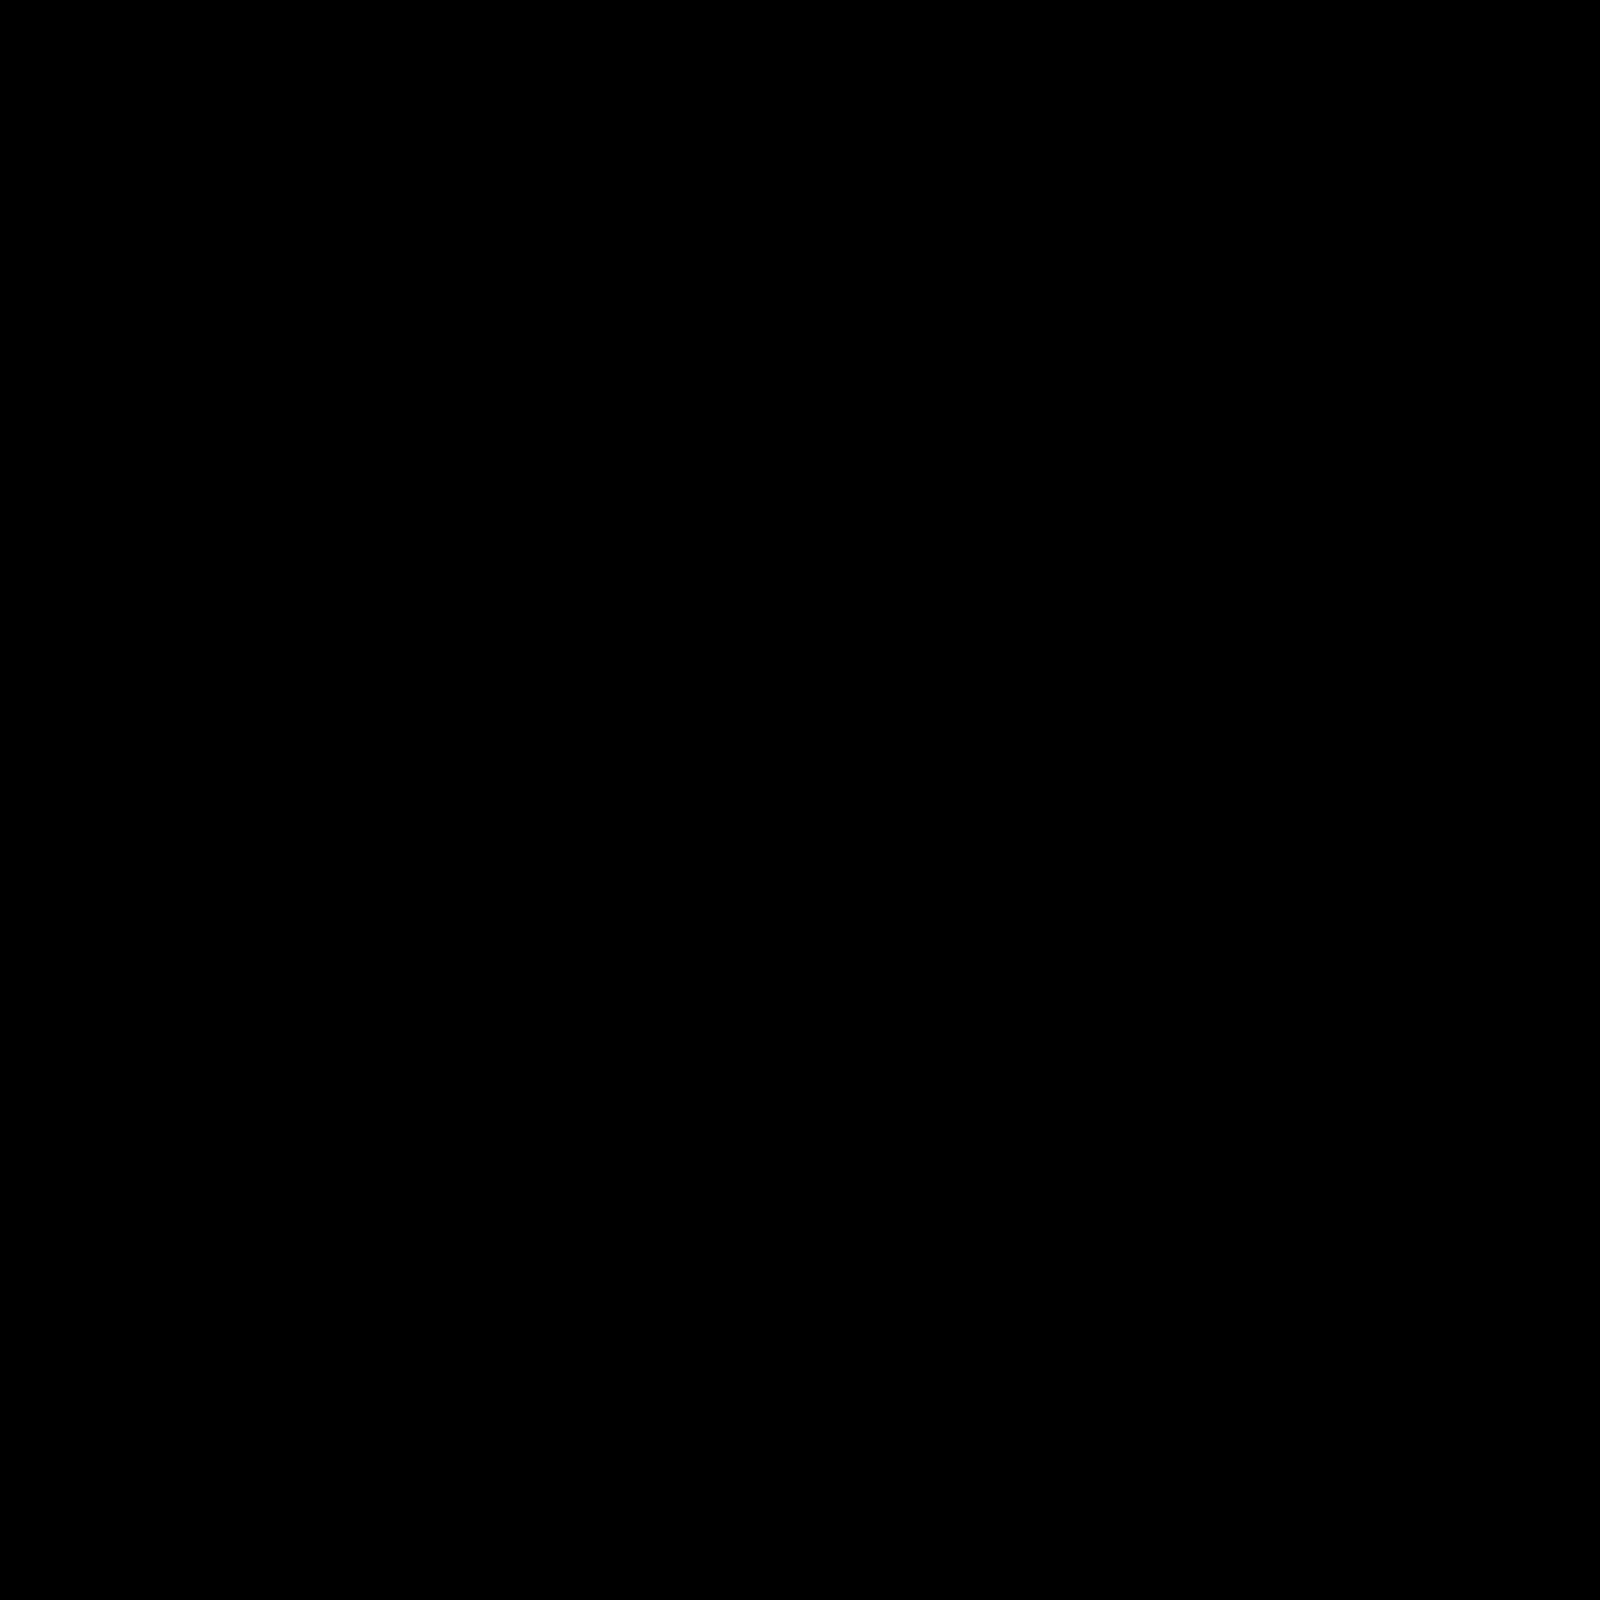 Diarrhea Filled icon